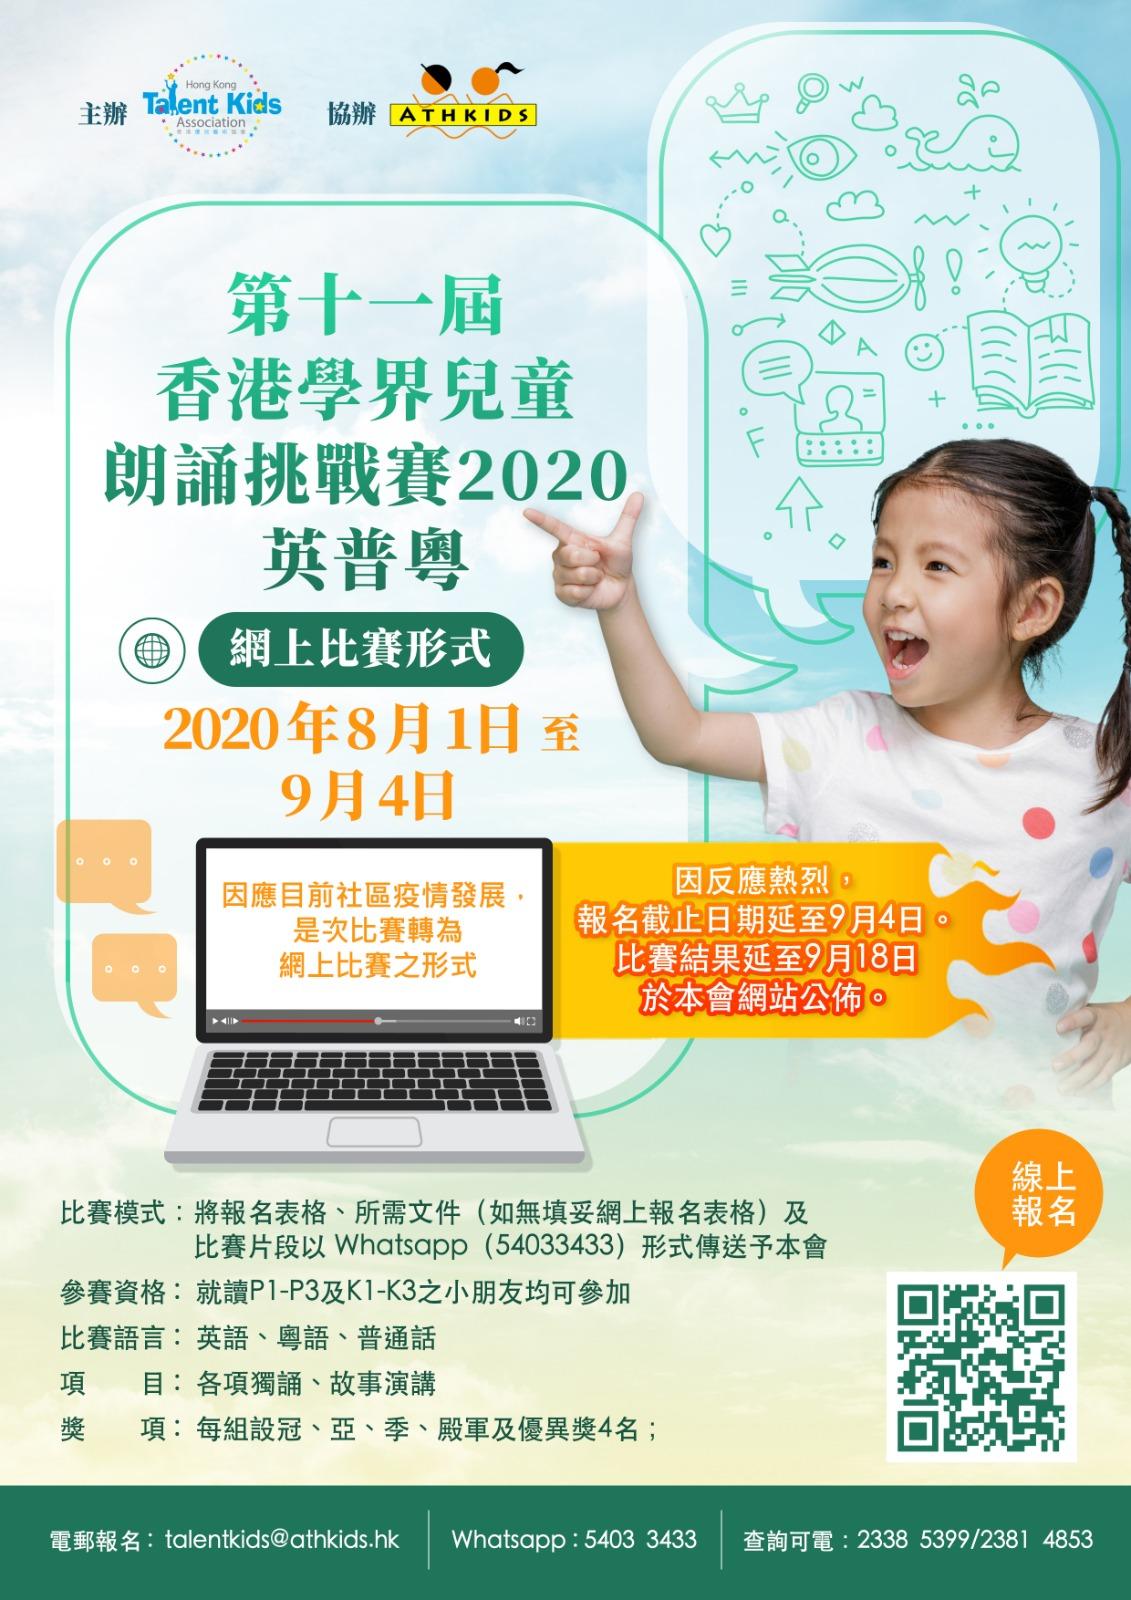 成績公佈 – 第十一屆香港學界兒童朗誦挑戰賽2020(英普粵)(網上比賽形式)